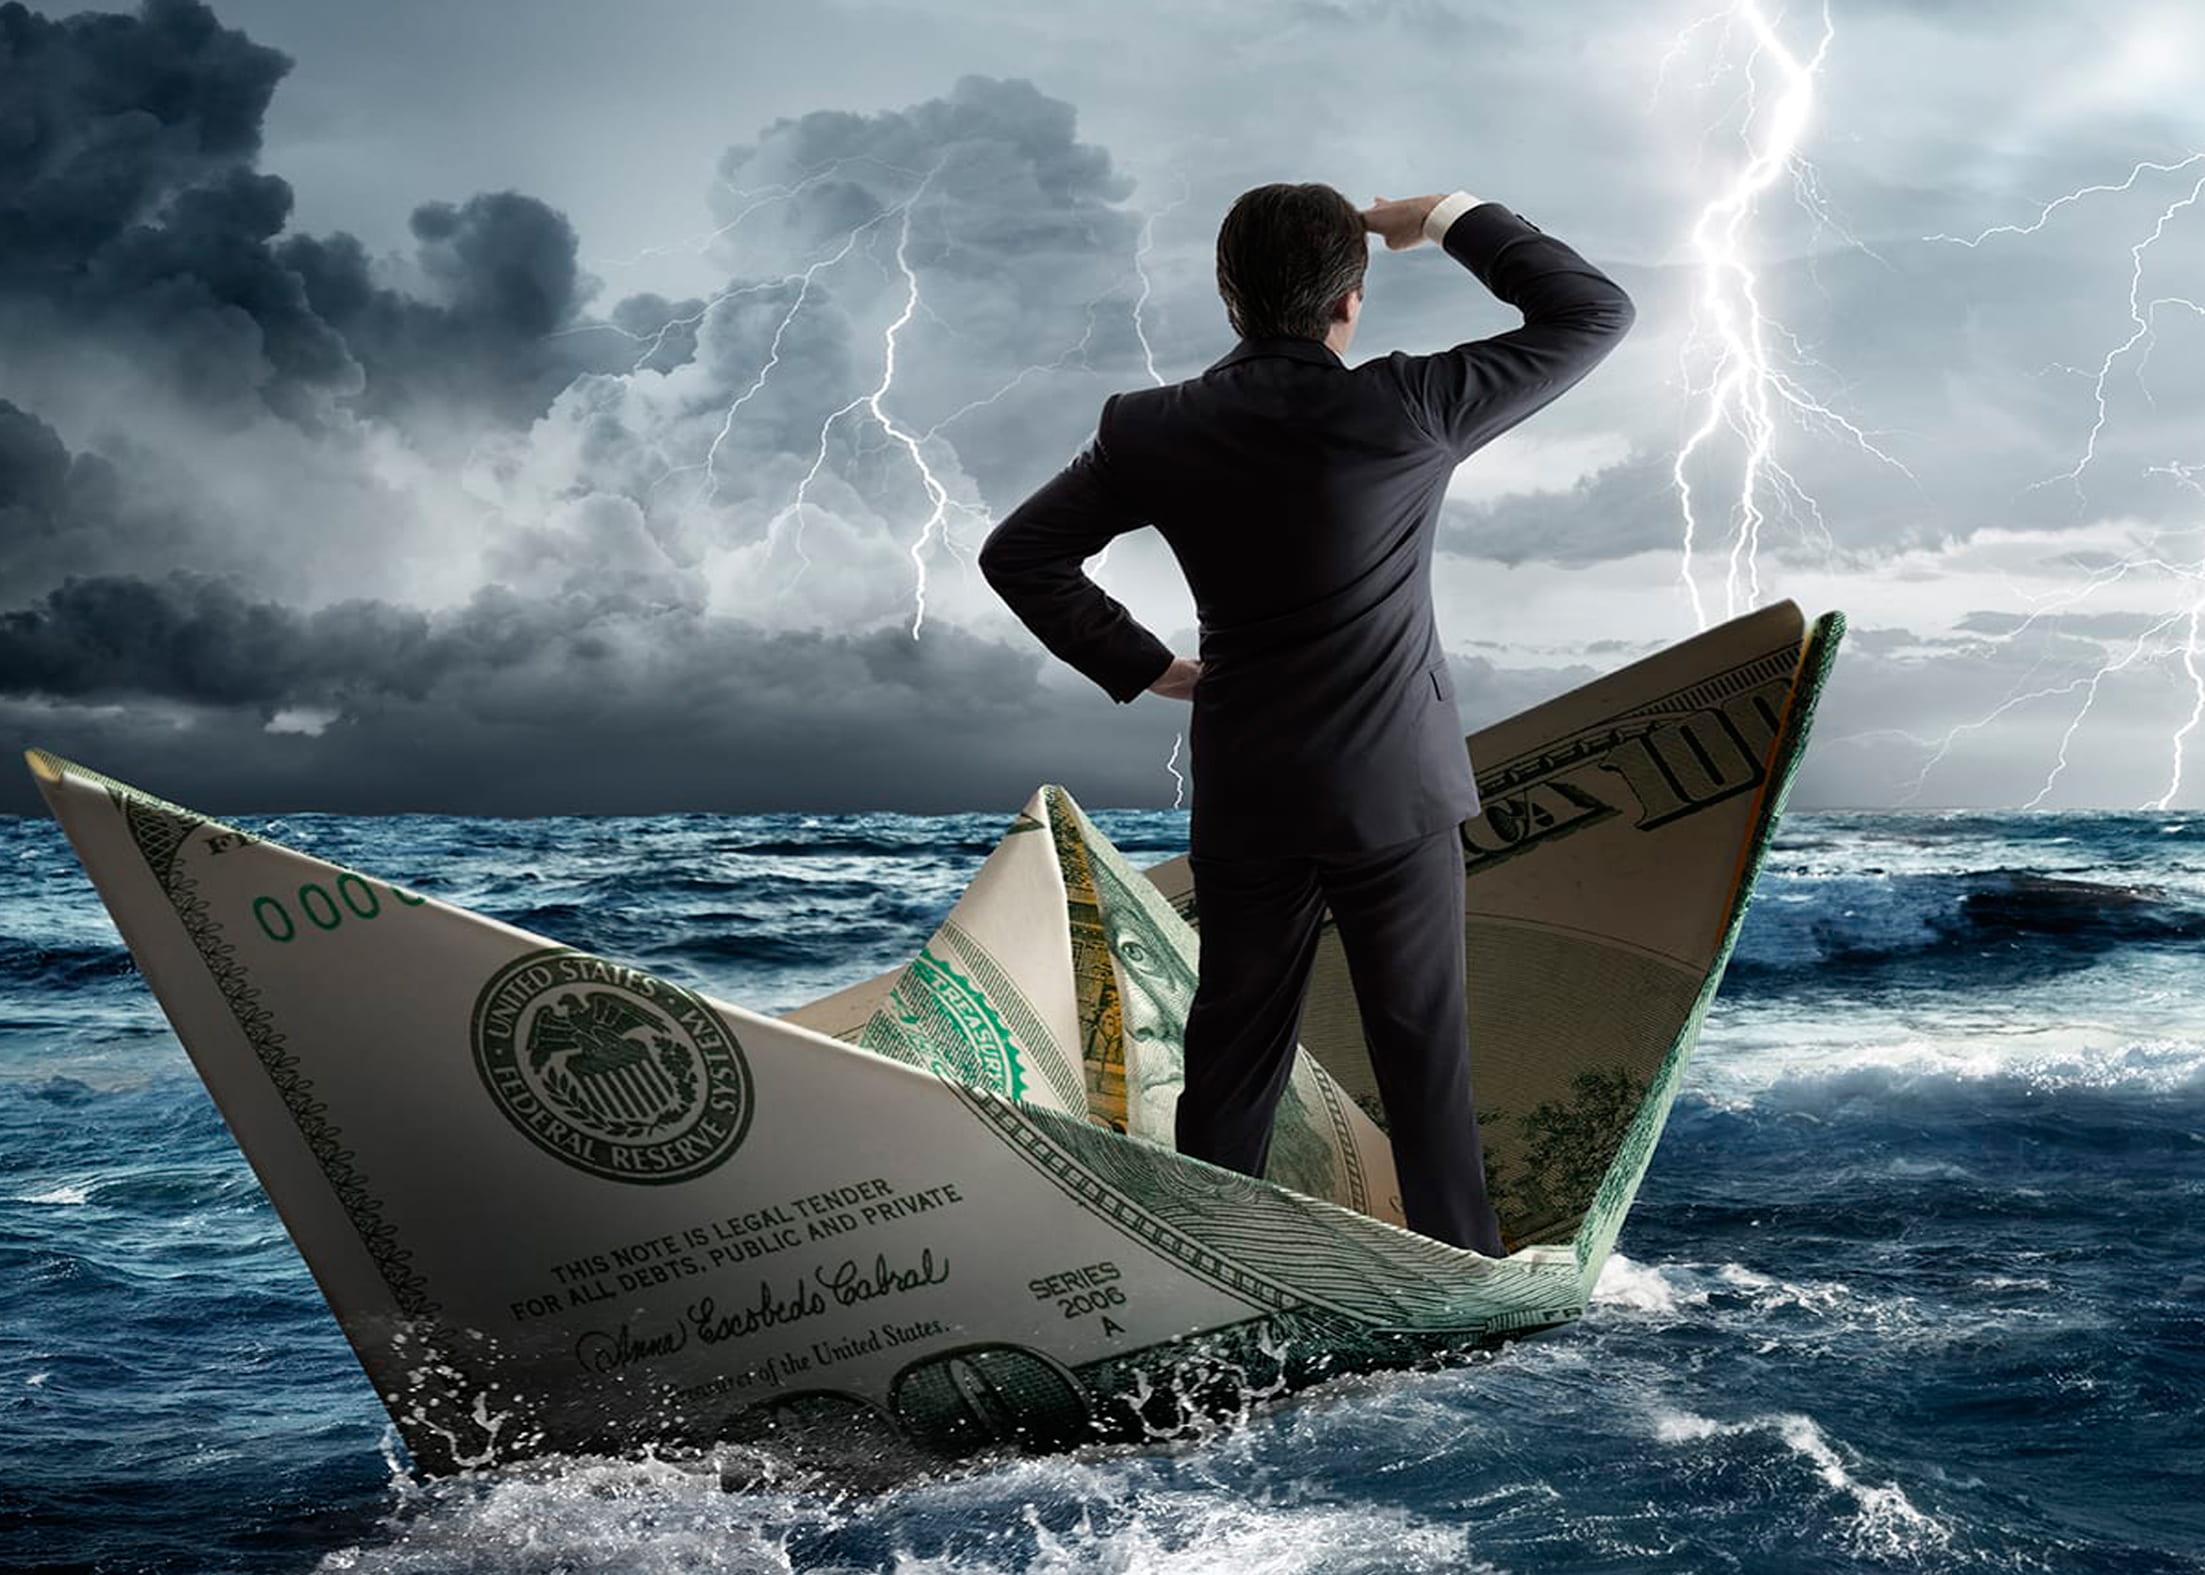 Бизнесмен в бурю на бумажном кораблике